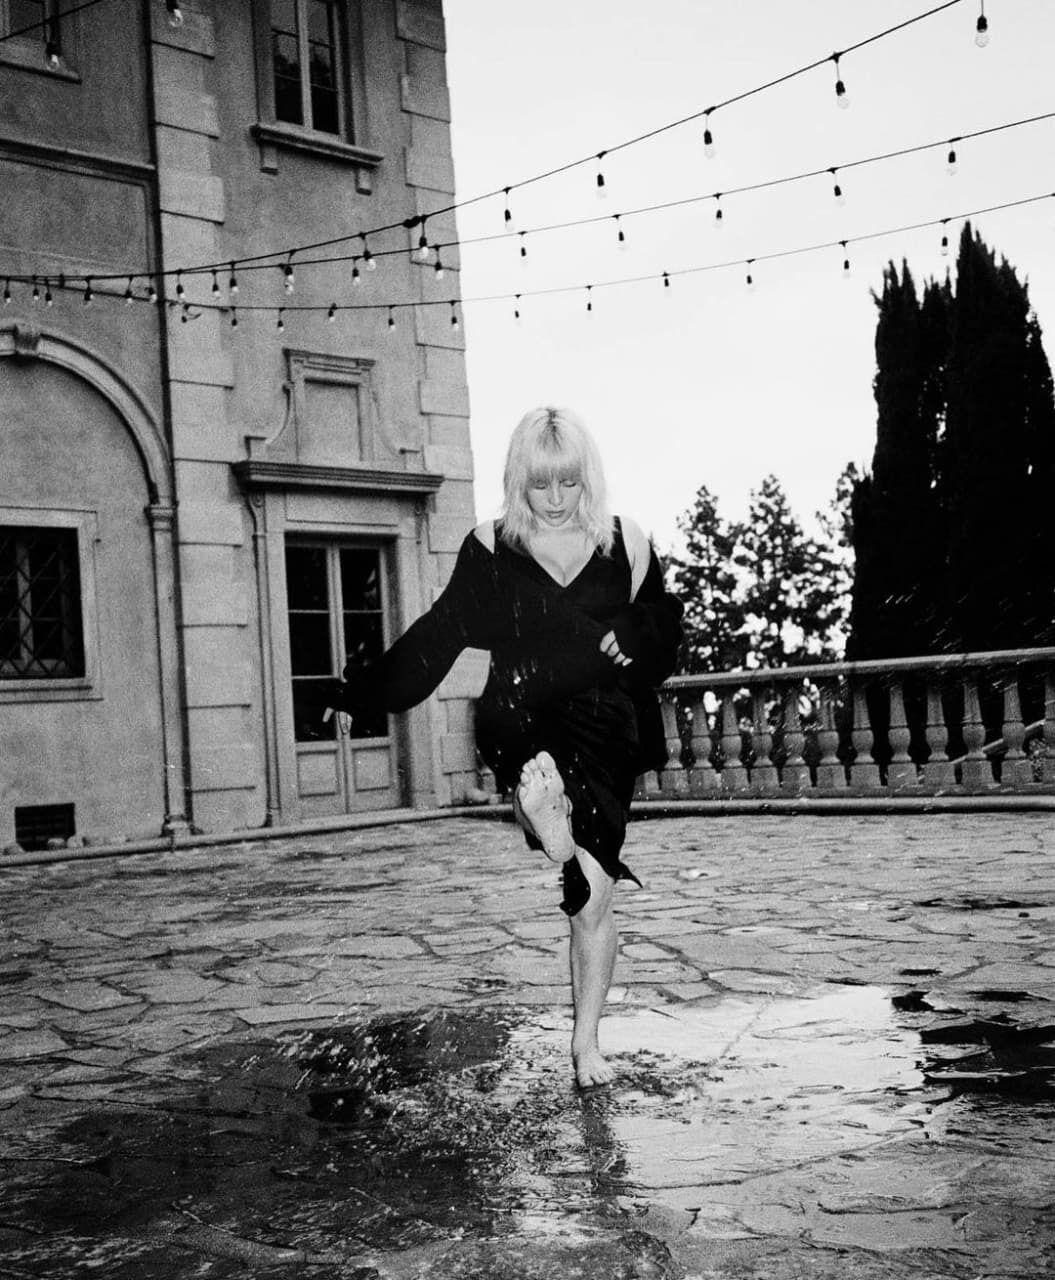 Біллі Айліш на чорно-білому фото.